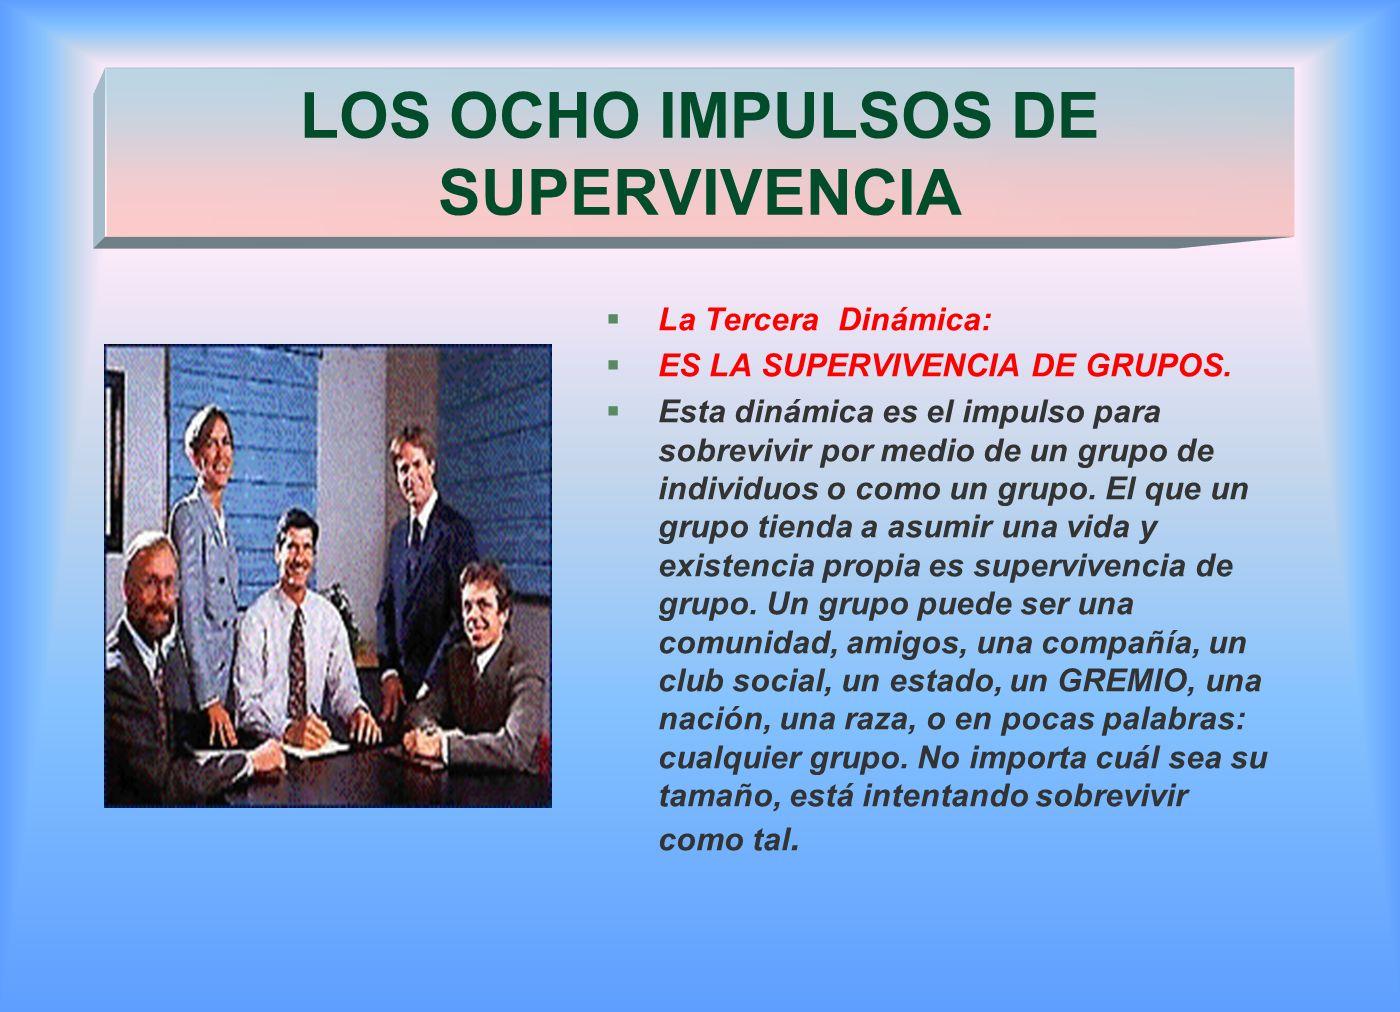 §La Tercera Dinámica: §ES LA SUPERVIVENCIA DE GRUPOS.